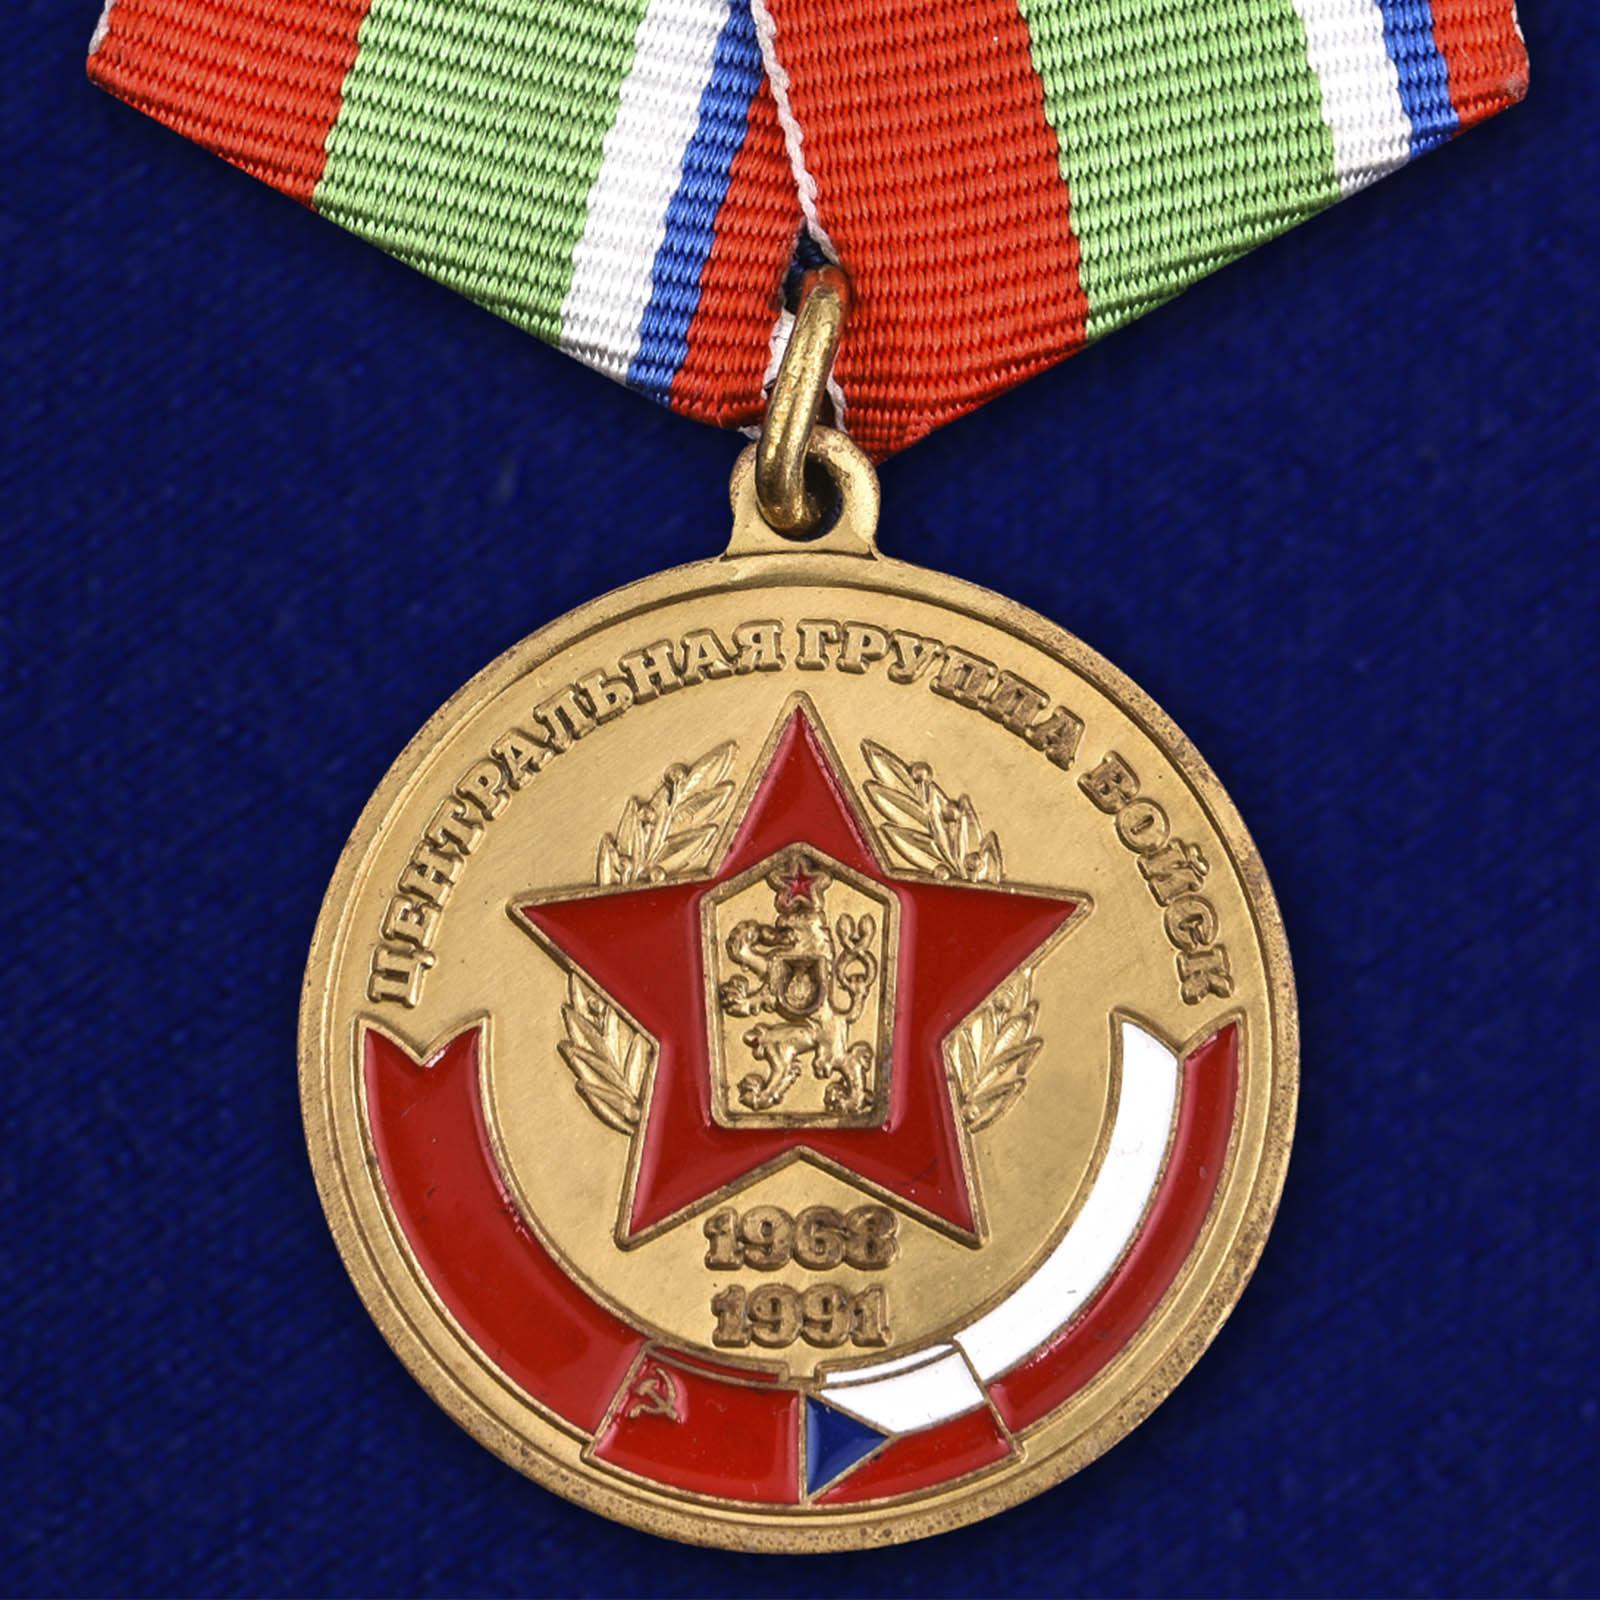 Латунная медаль ЦГВ В память о службе (1968-1991) - общий вид